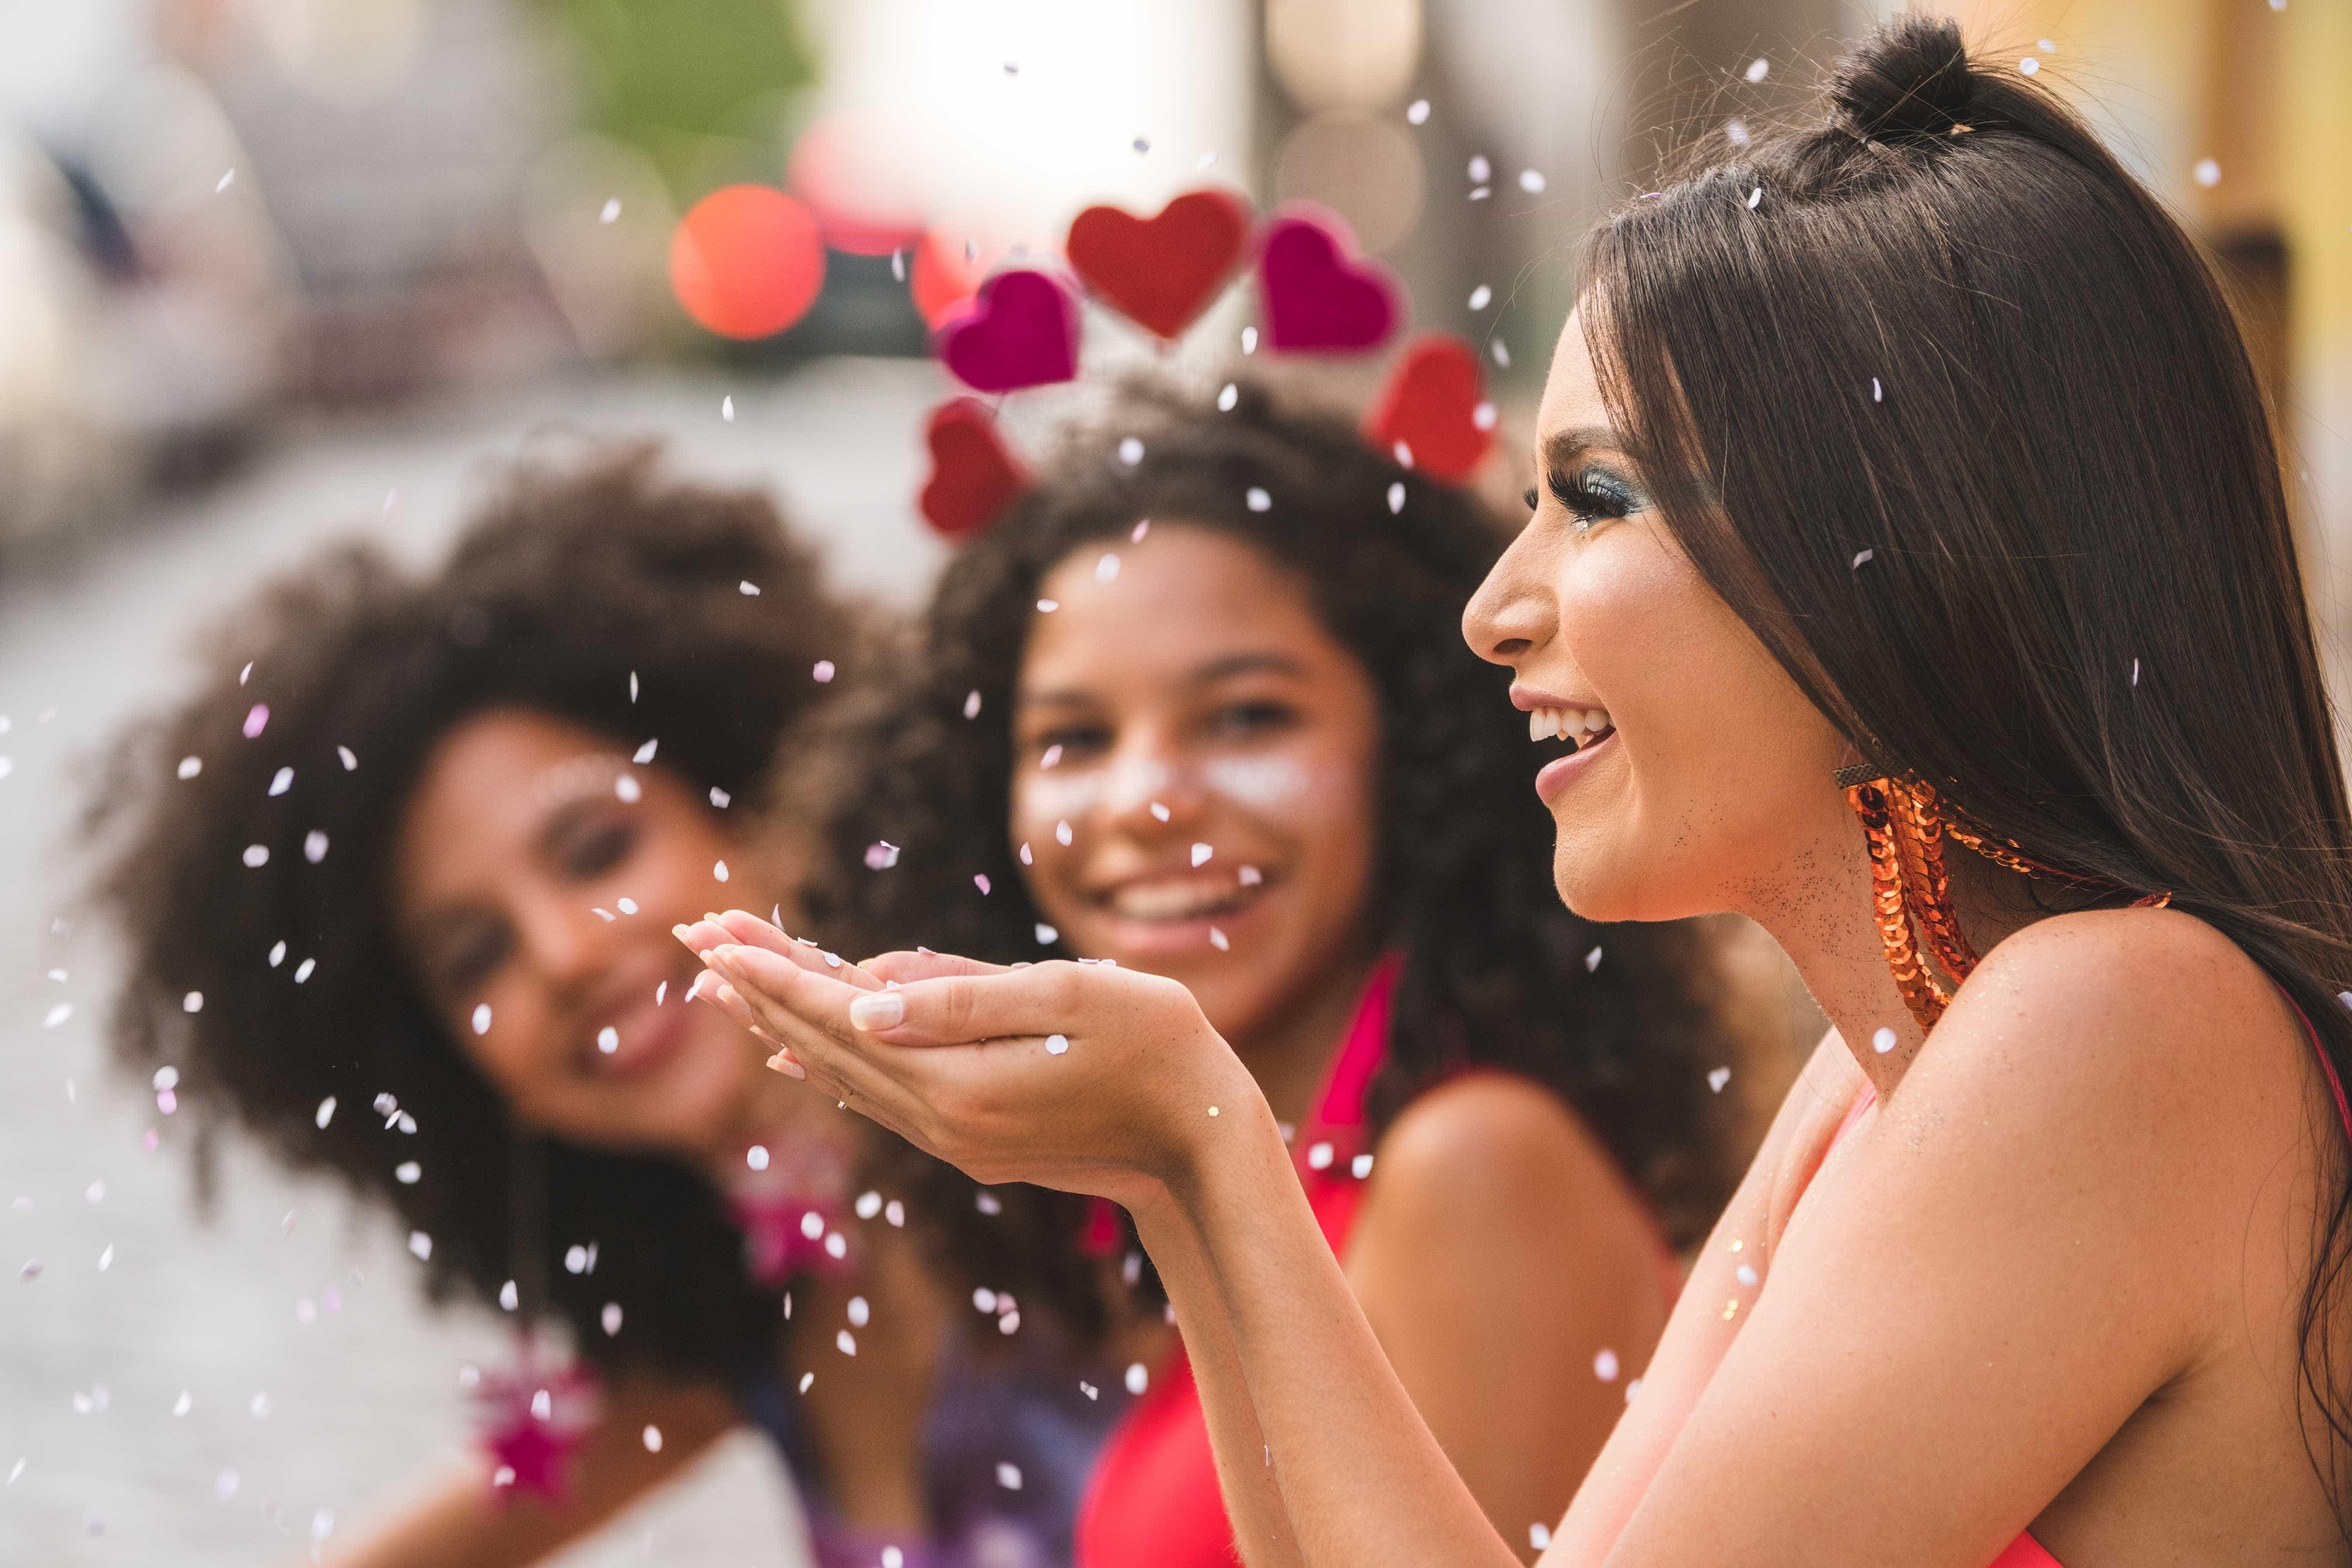 Maquiagem de Carnaval pode colocar saúde ocular em risco